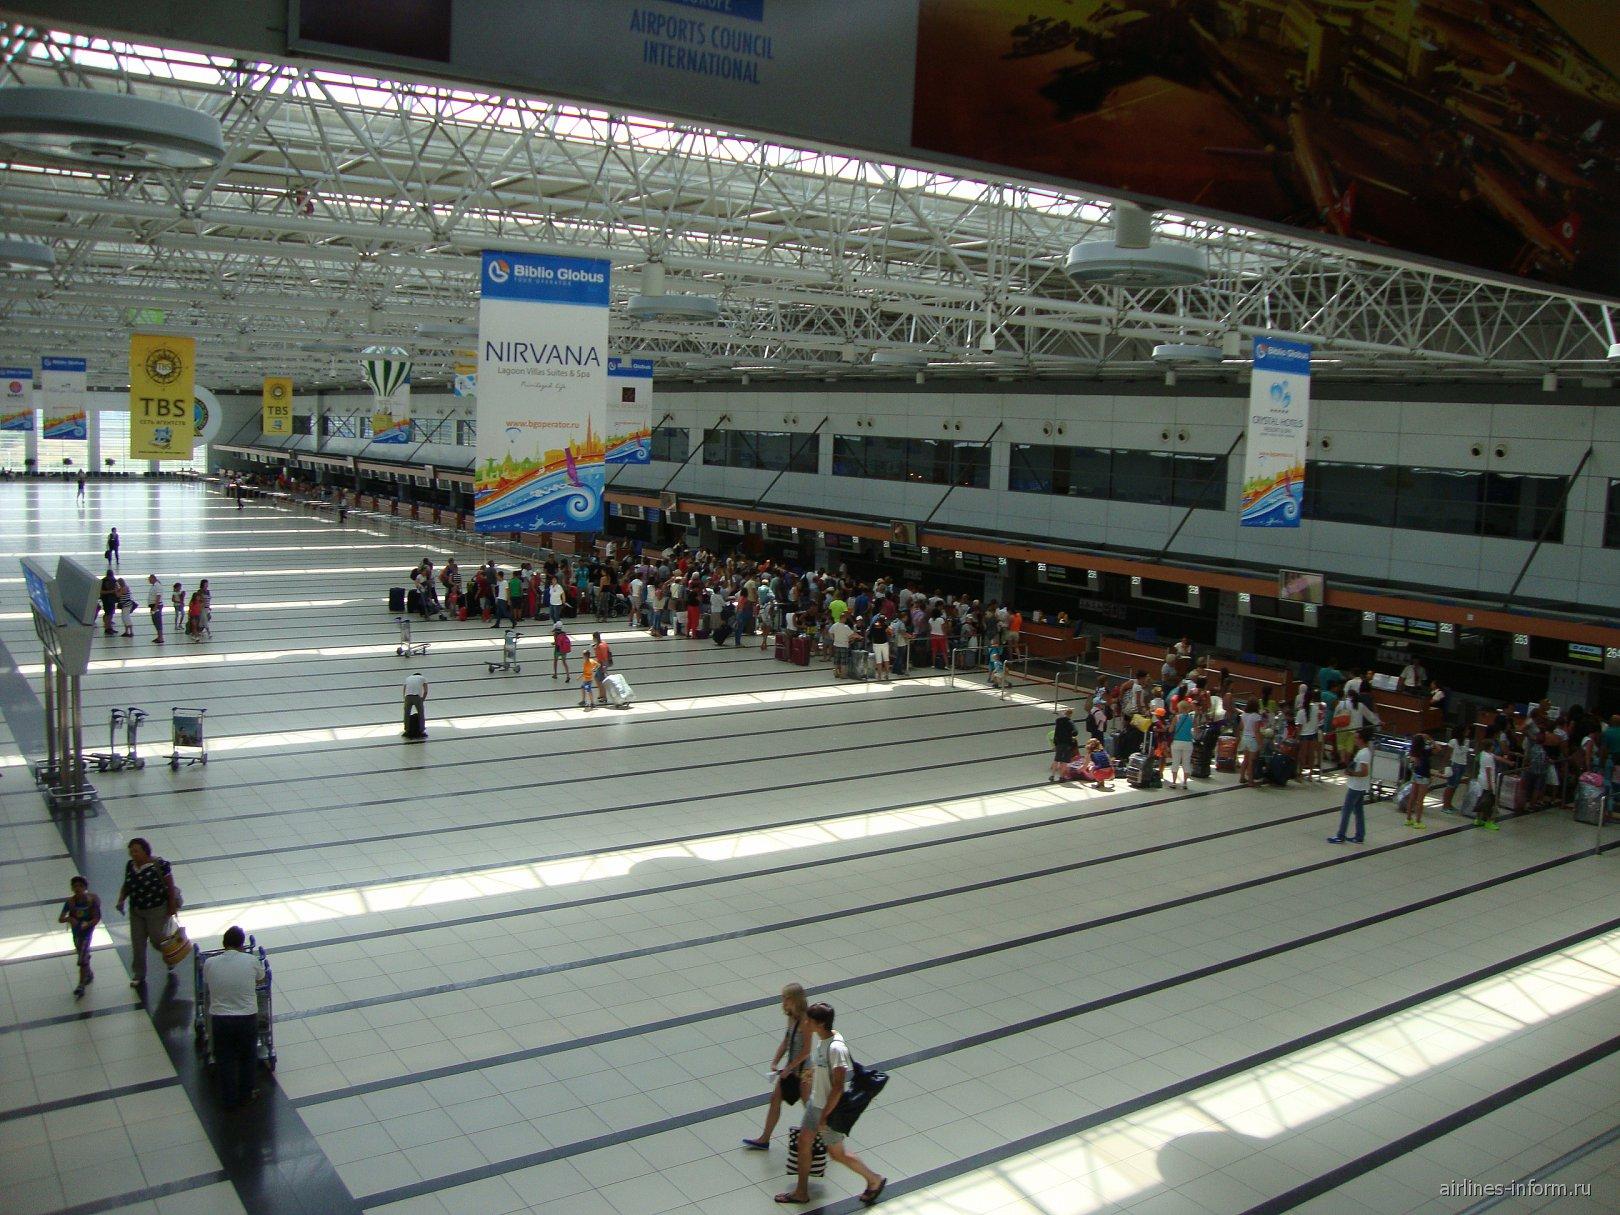 Зал регистрации на рейсы в Терминале 2 аэропорта Анталья